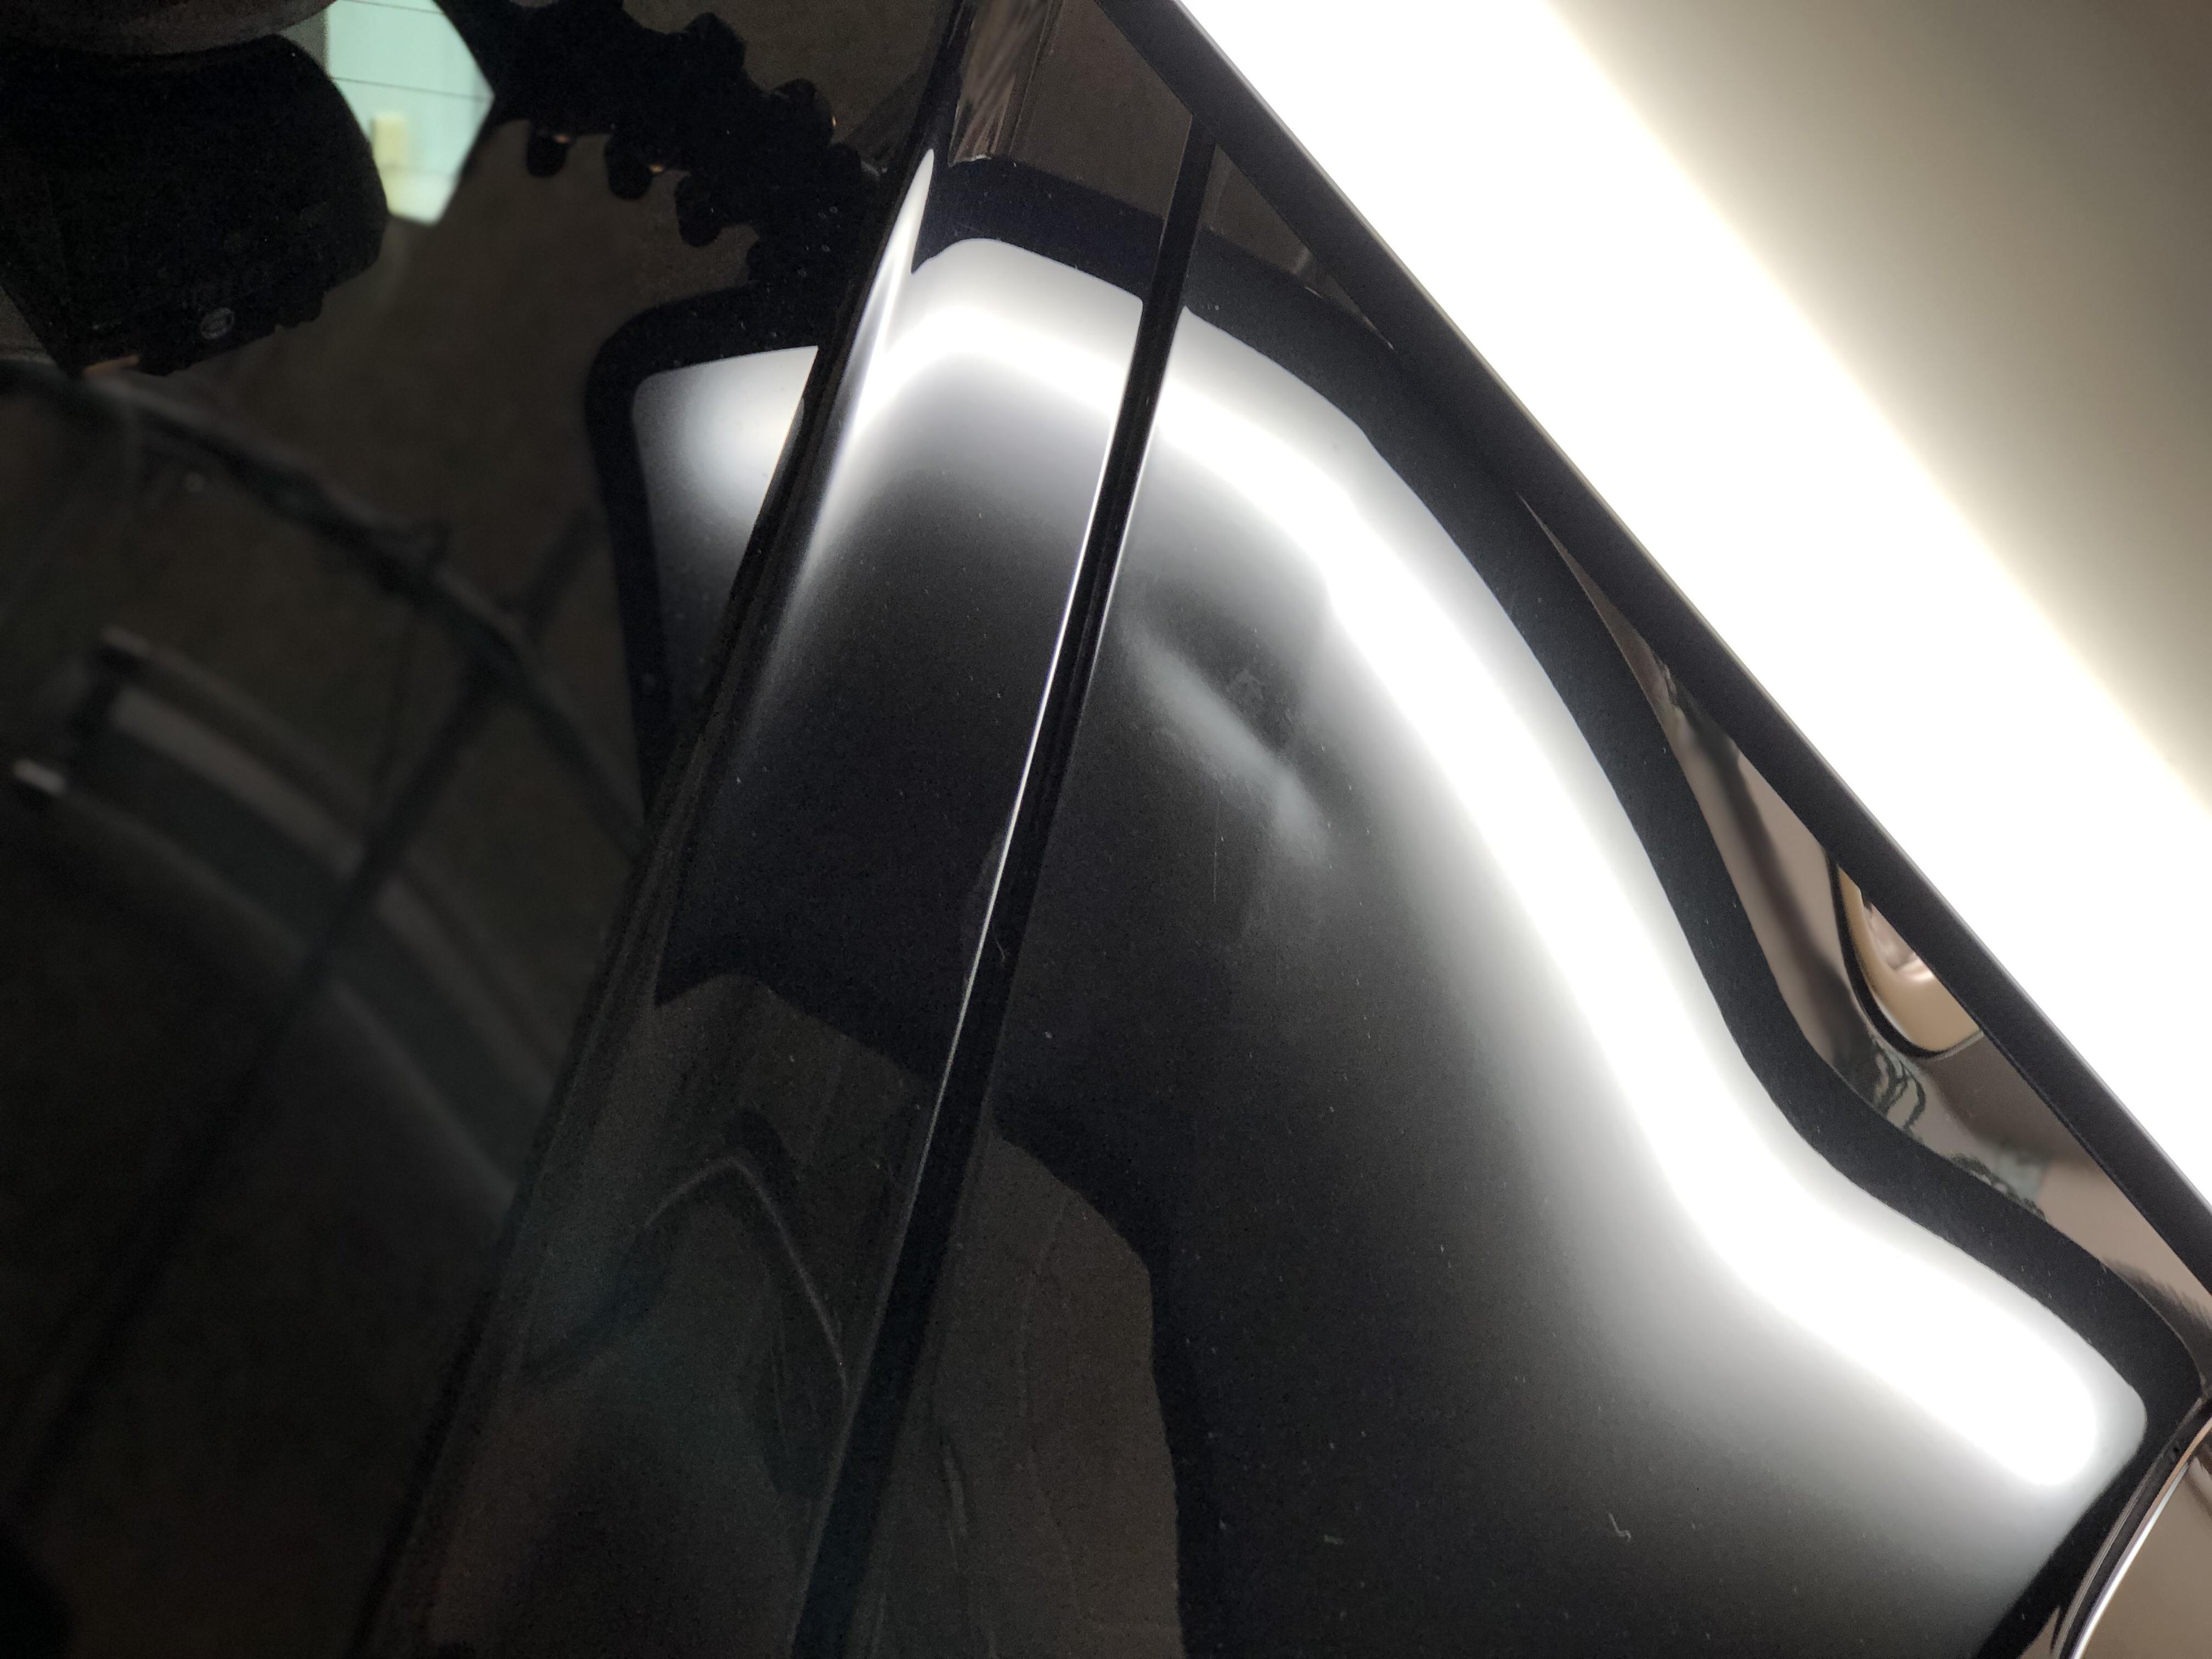 アウディRSQ3 クォーターパネルのヘコミ修理